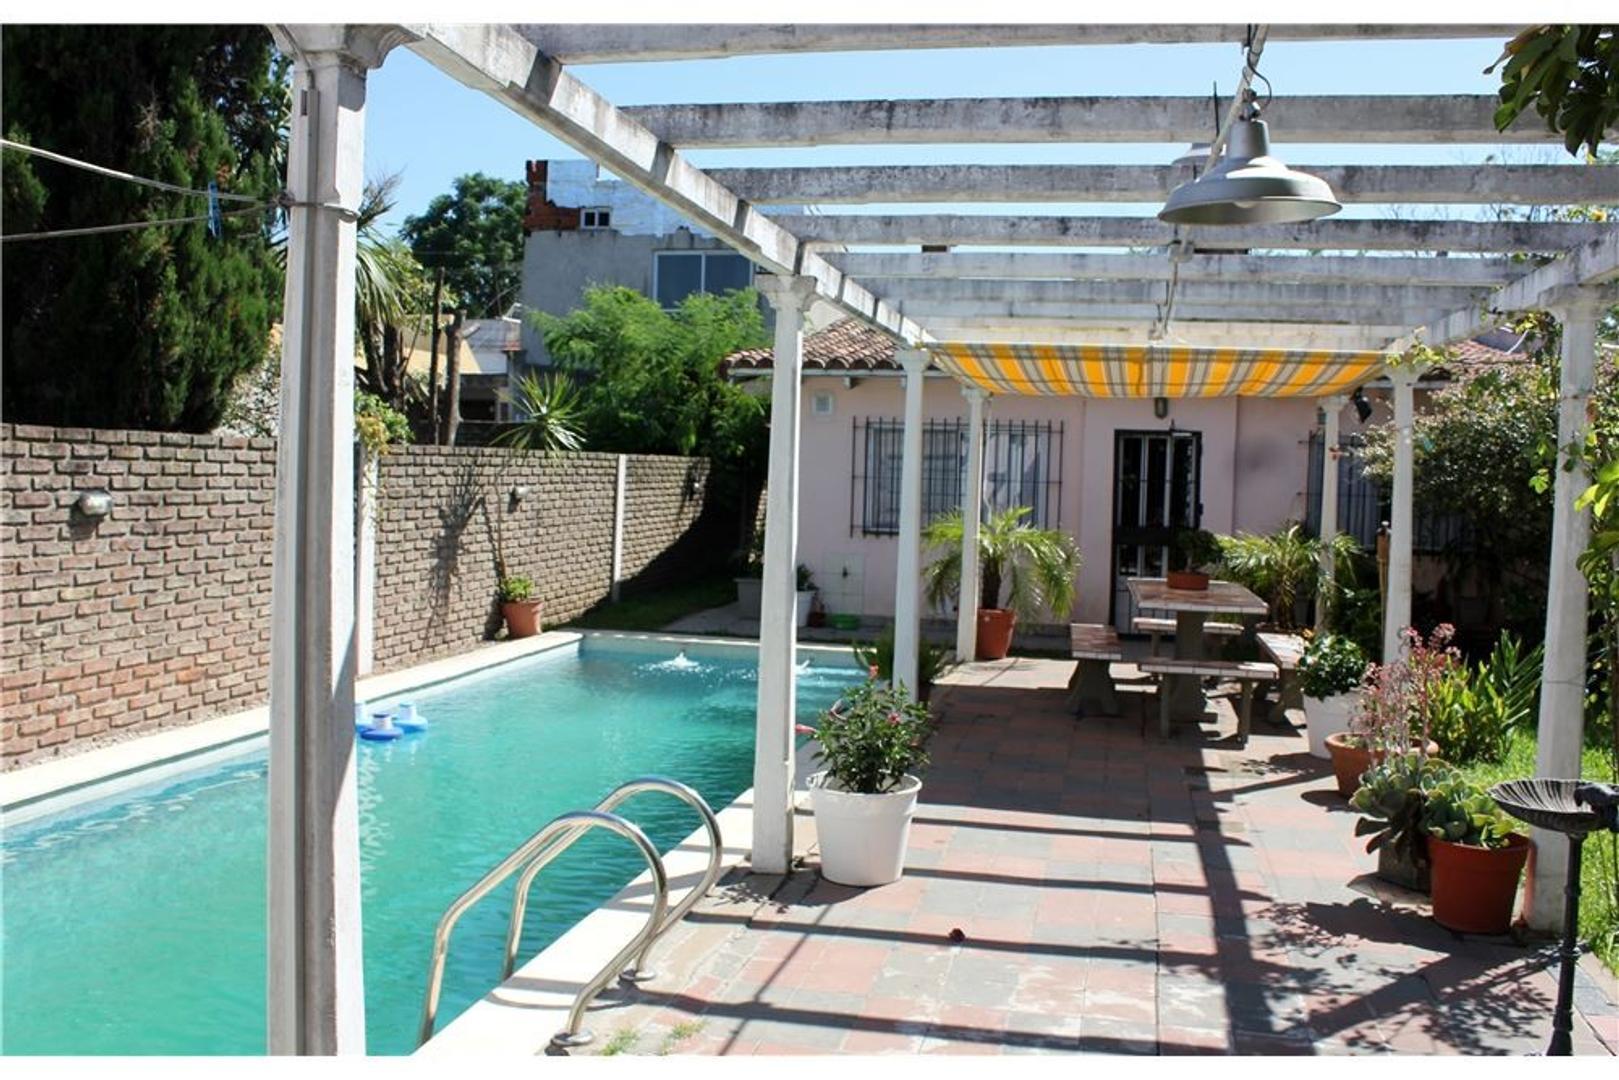 Casa 4 amb c/cochera, parque y piscina.